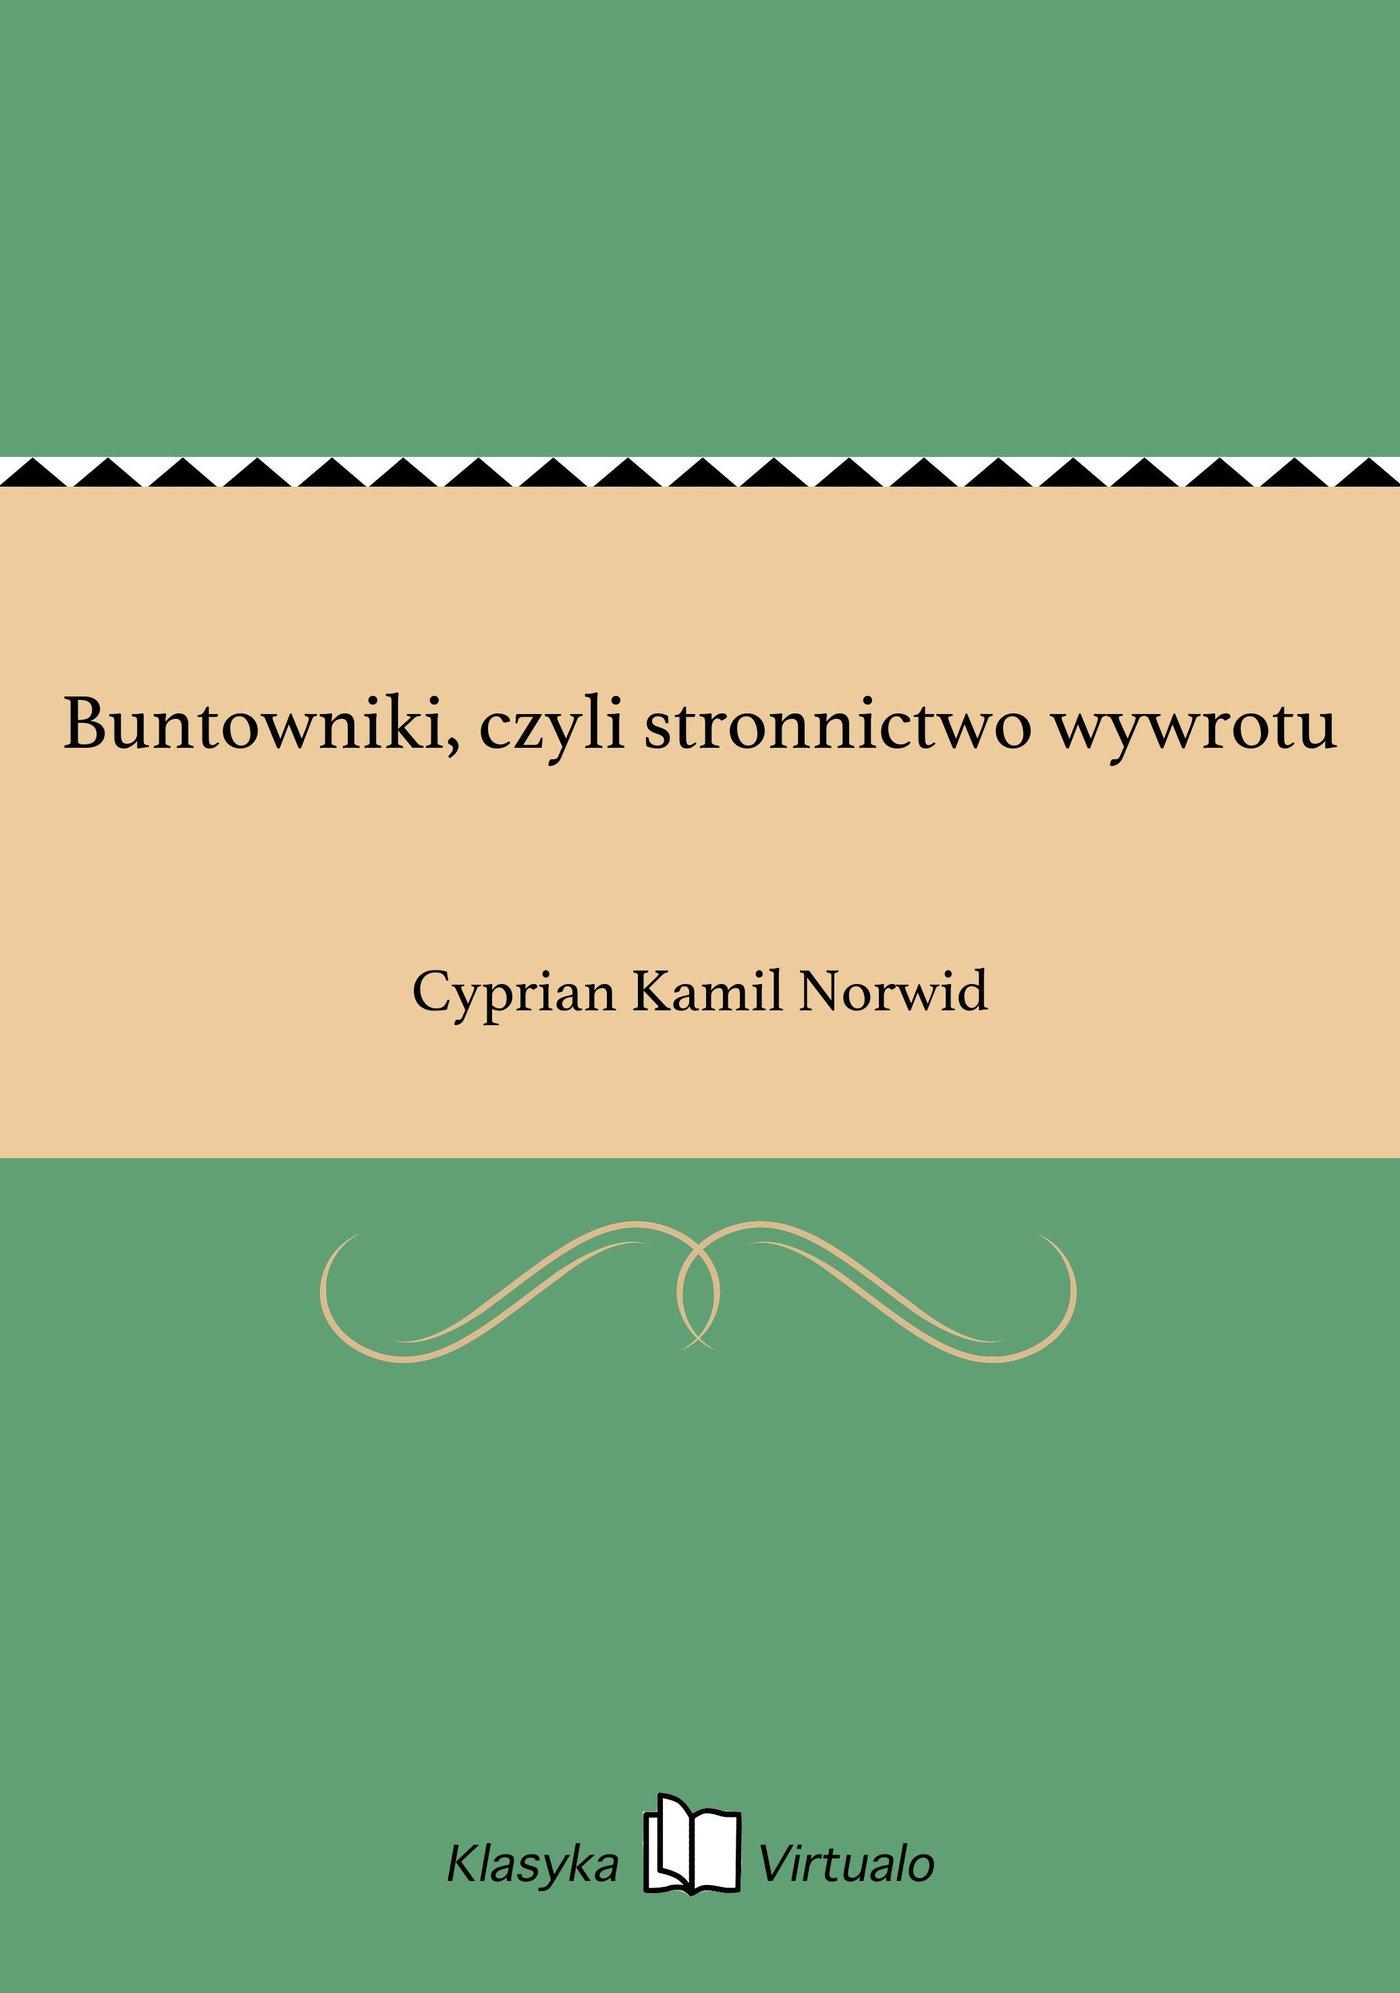 Buntowniki, czyli stronnictwo wywrotu - Ebook (Książka na Kindle) do pobrania w formacie MOBI